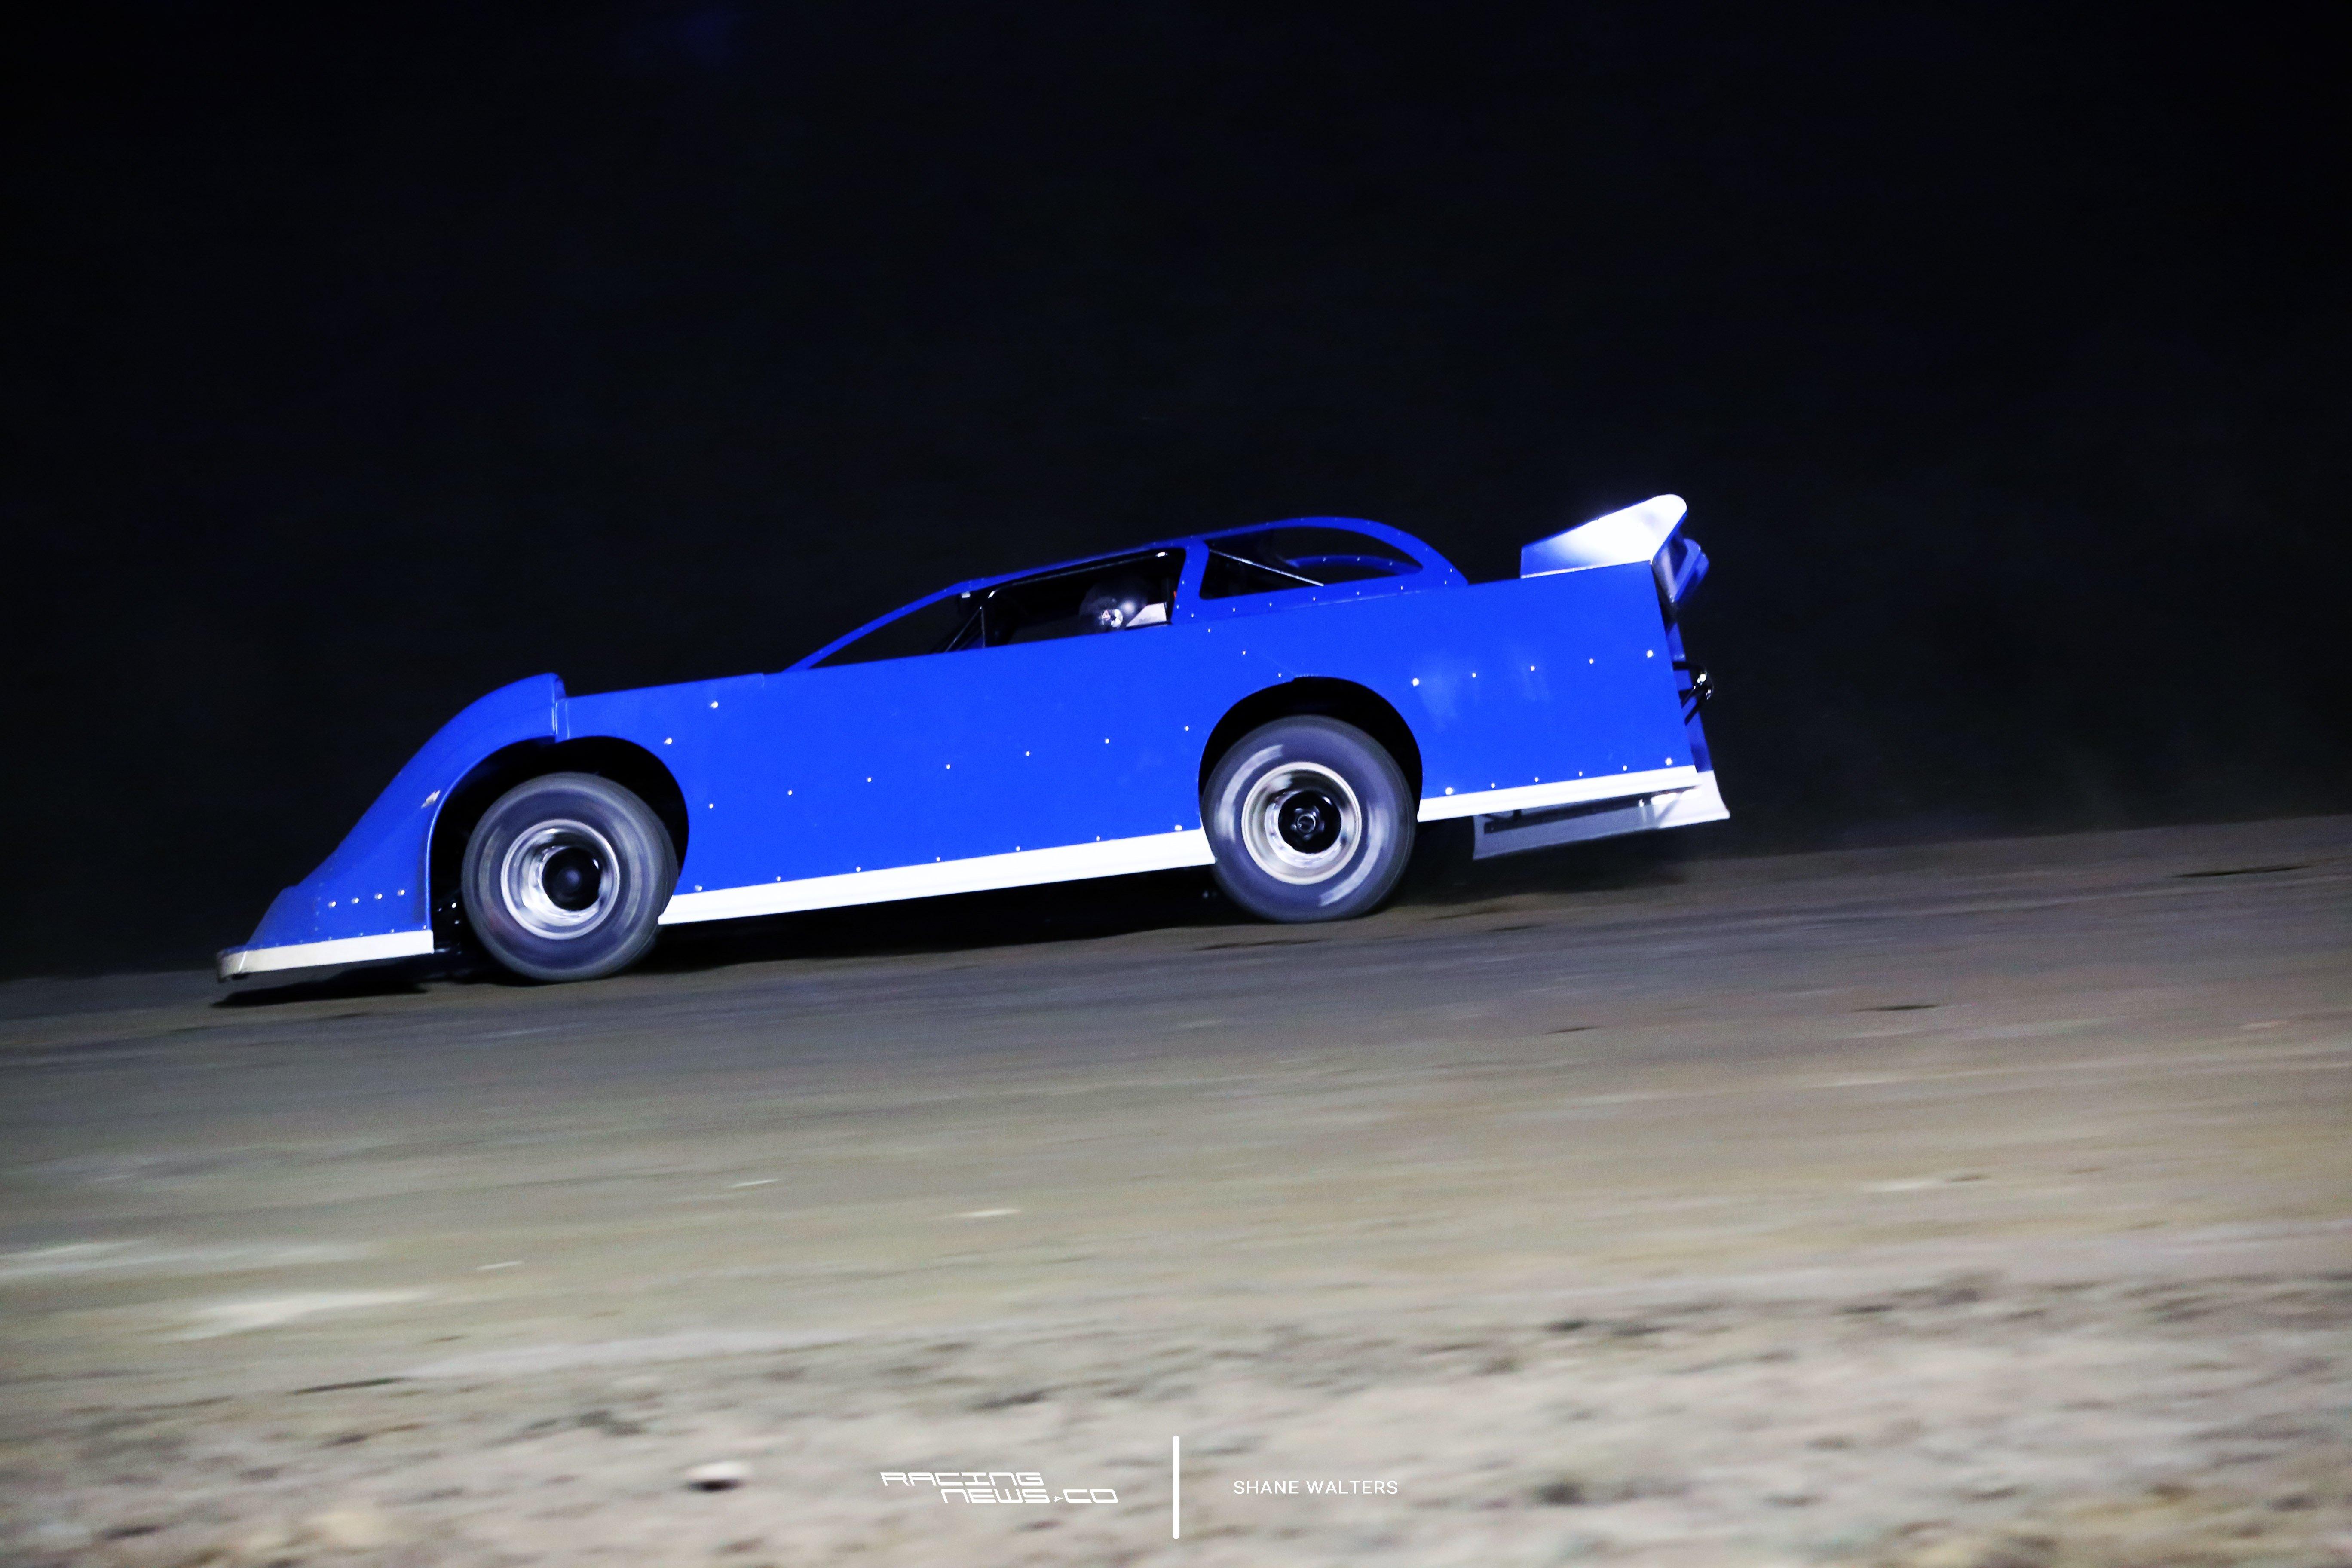 Dennis Erb Jr unmarked car 5807